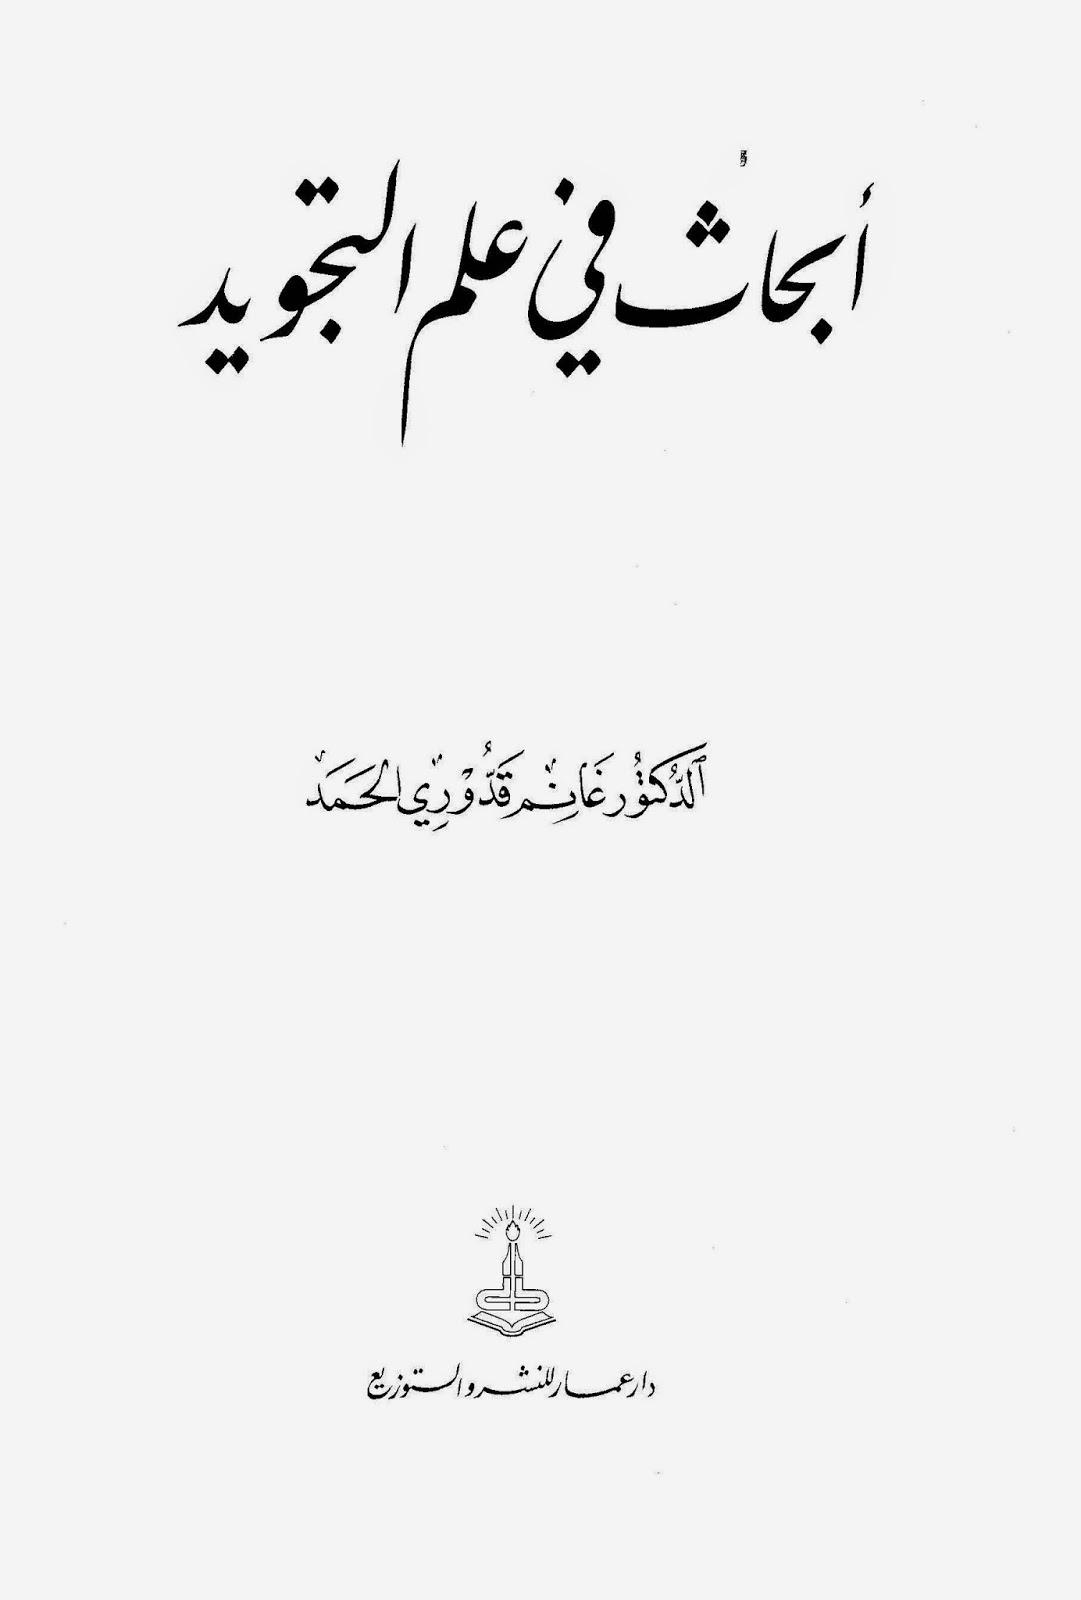 أبحاث في علم التجويد - غانم قدوري أحمد pdf